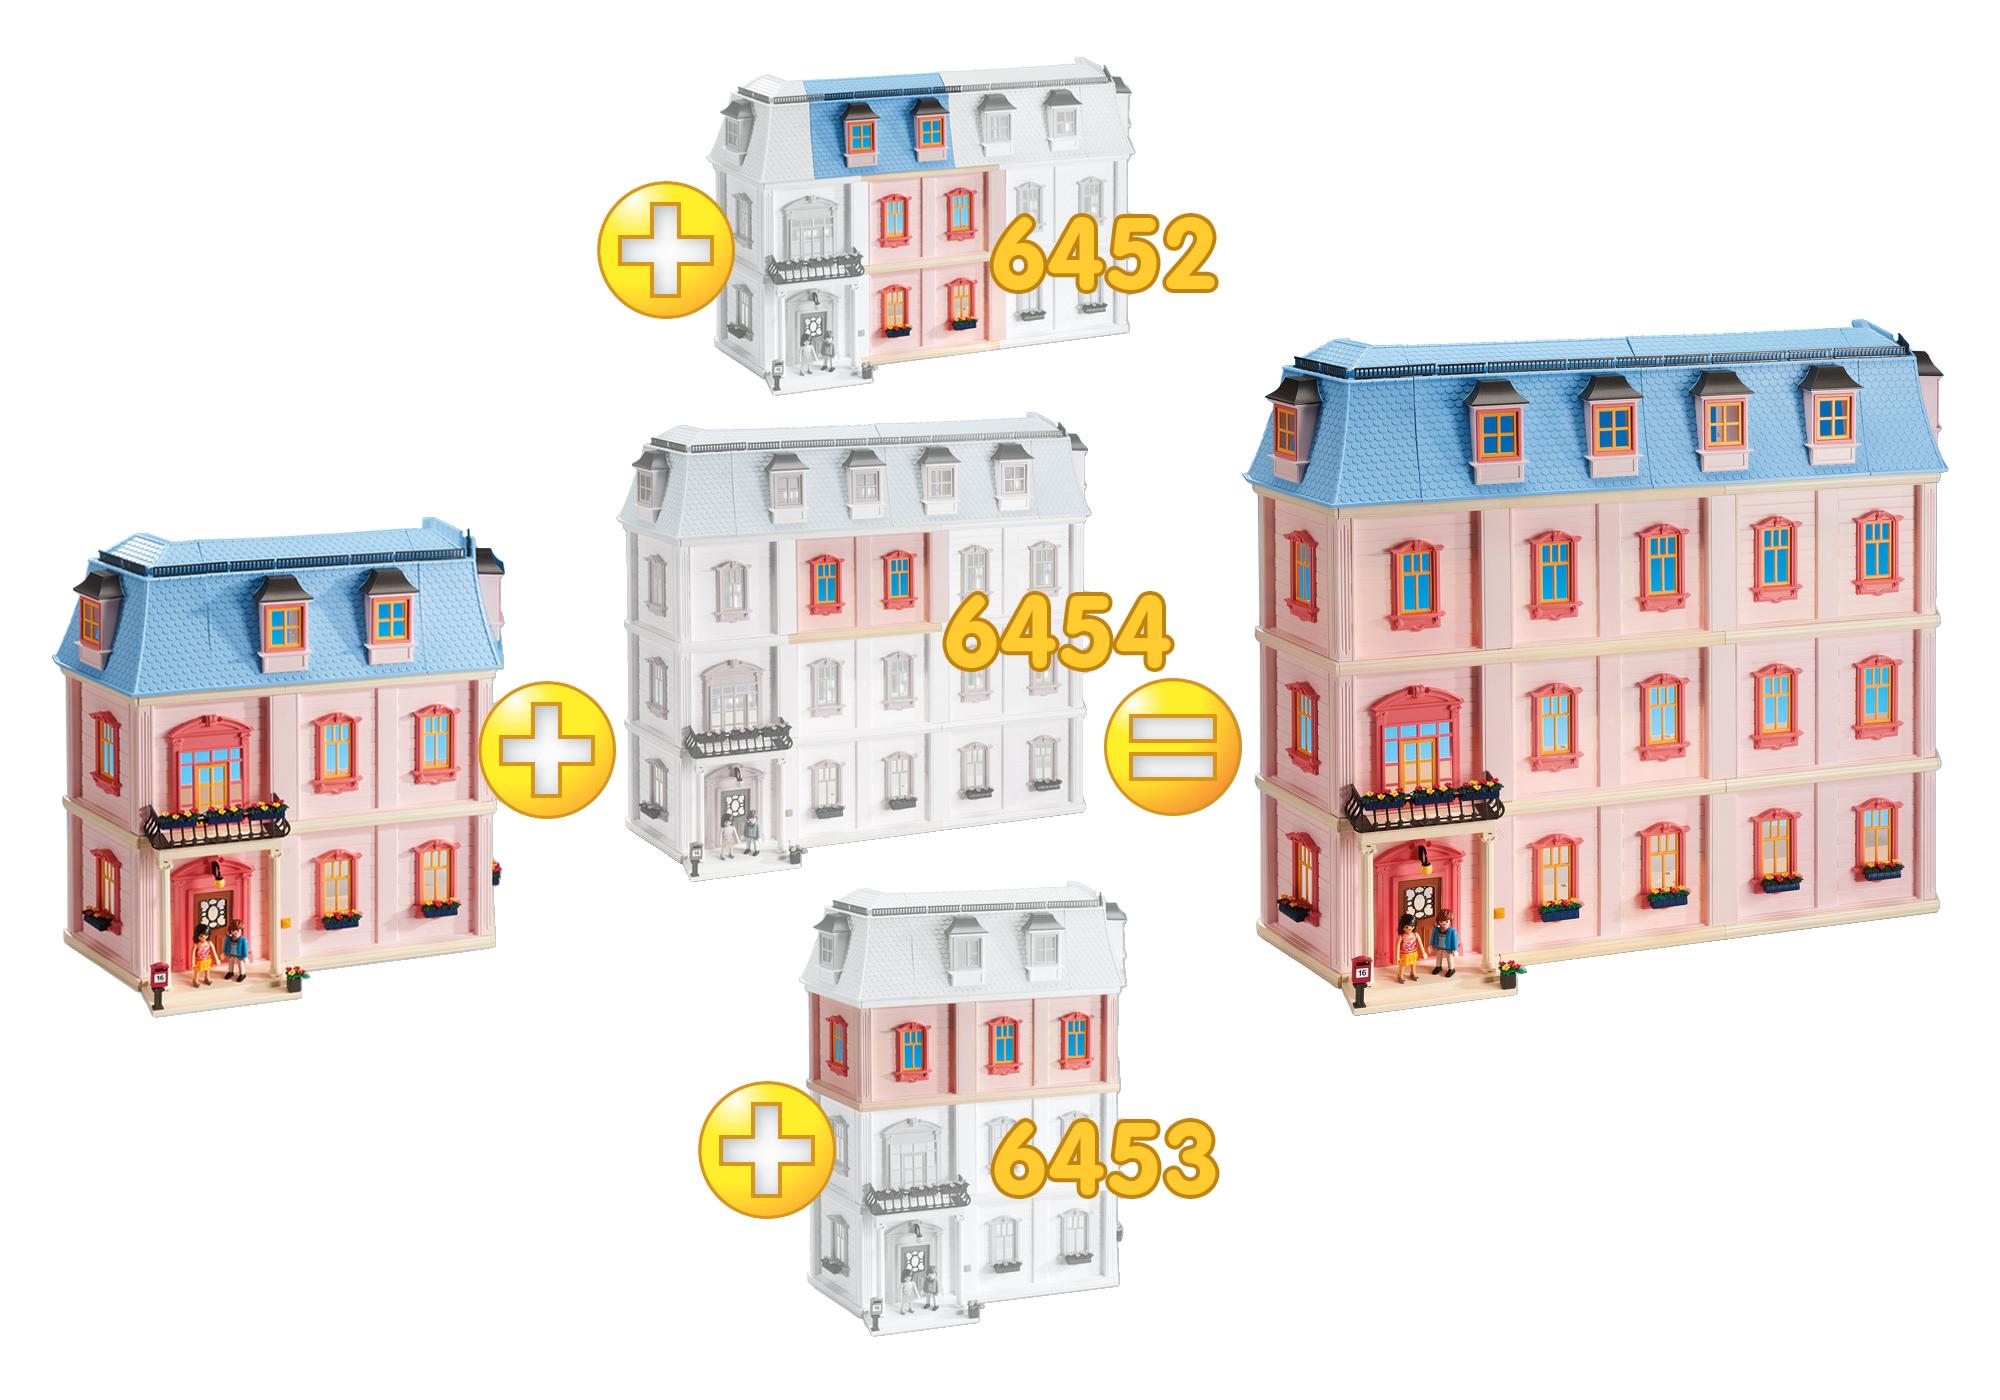 http://media.playmobil.com/i/playmobil/6454_product_extra1/Extensão C para Casa de Bonecas Romântica (ref. 5303)